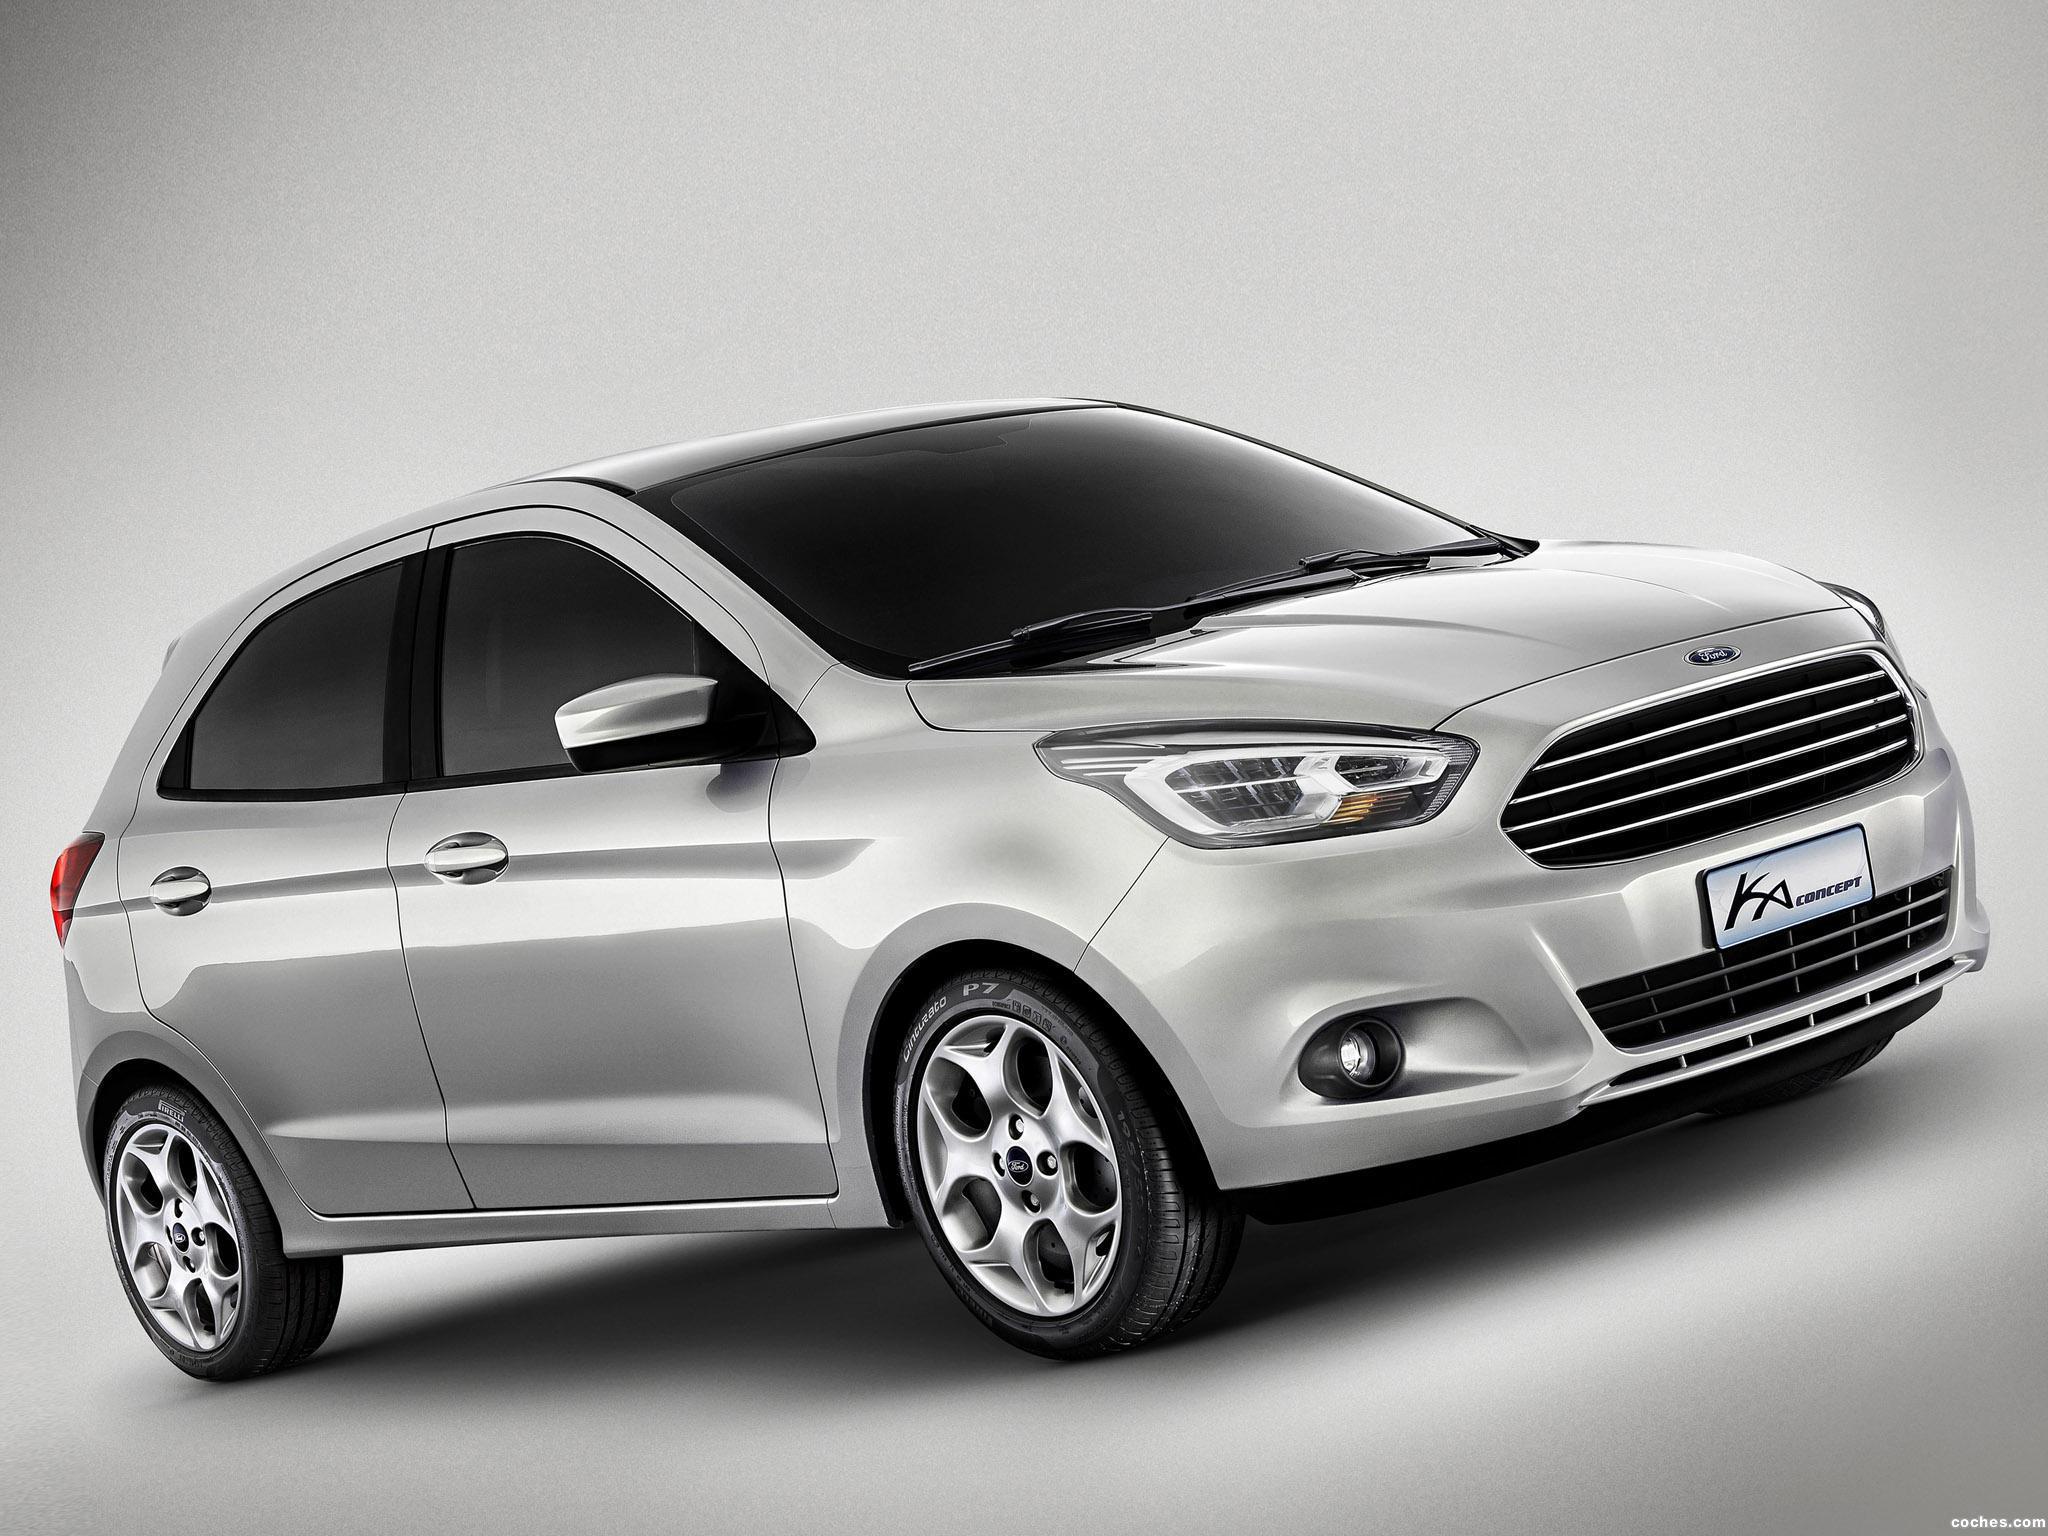 Foto 0 de Ford Ka Concept 2013